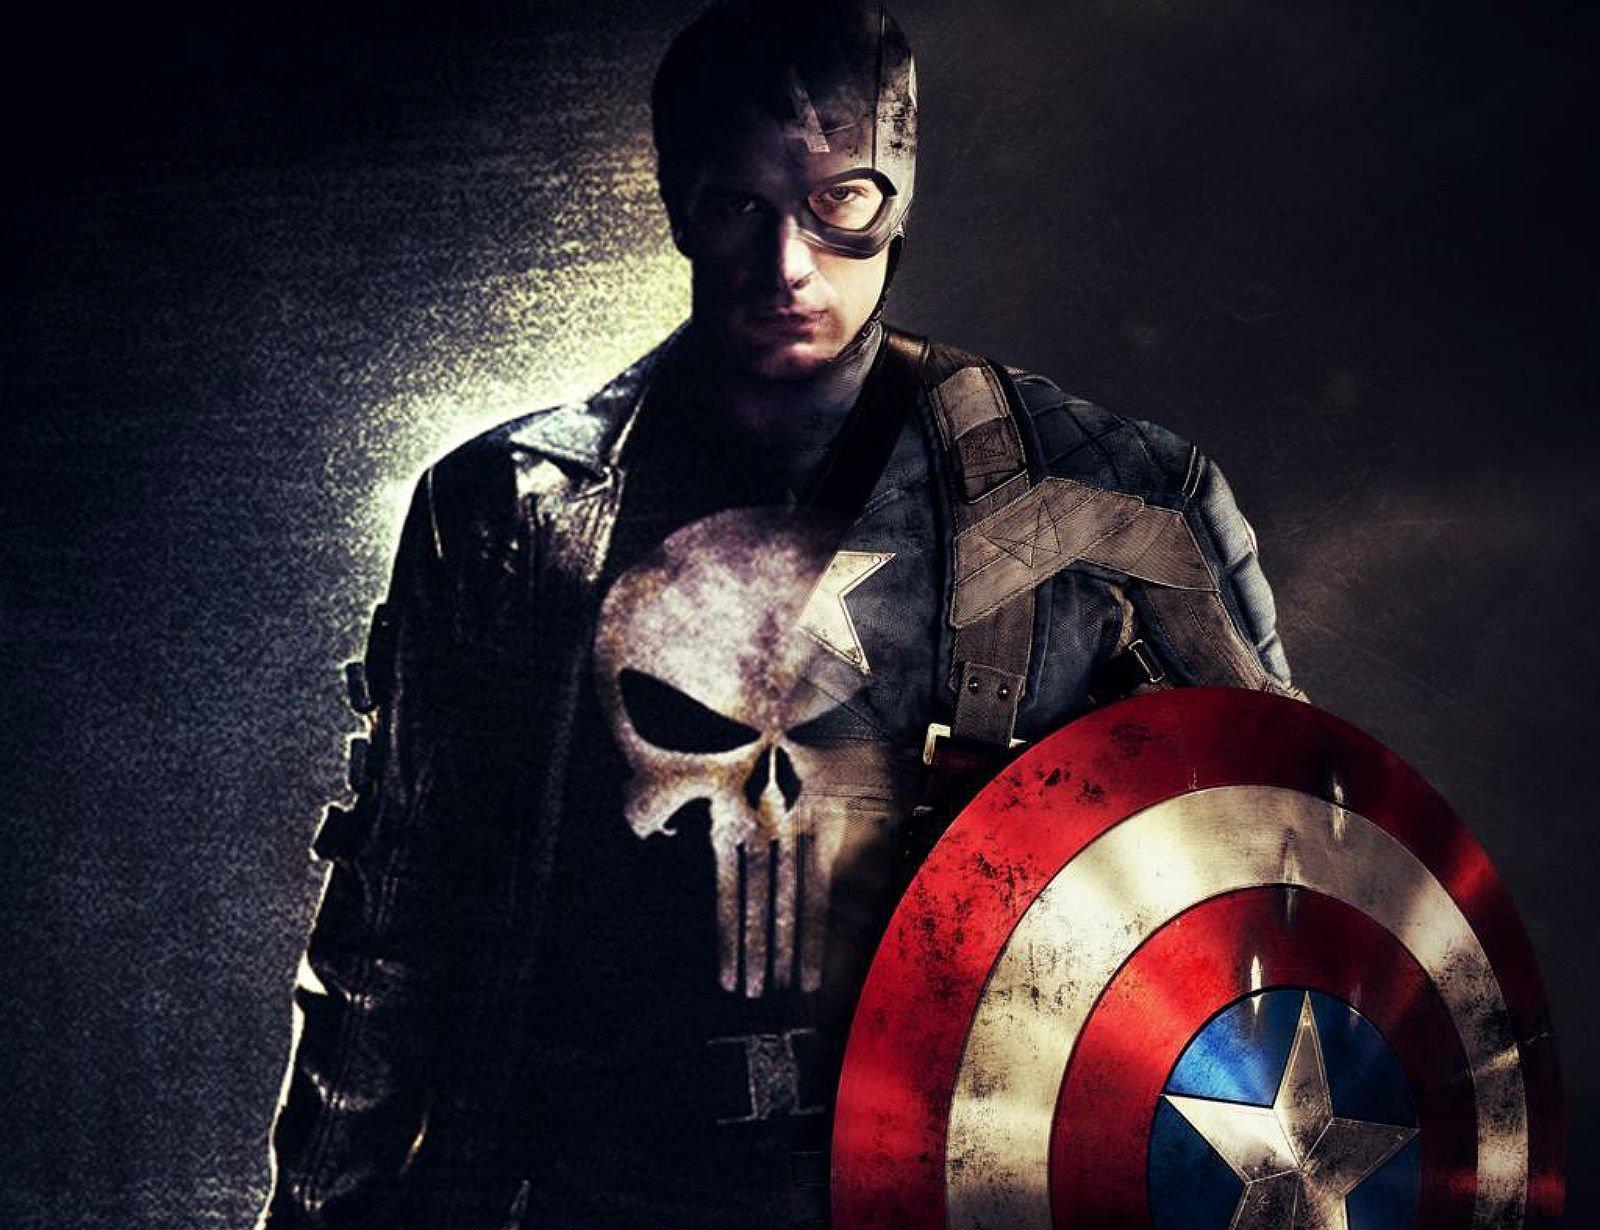 captain america civil war hd desktop wallpapers 30 hd